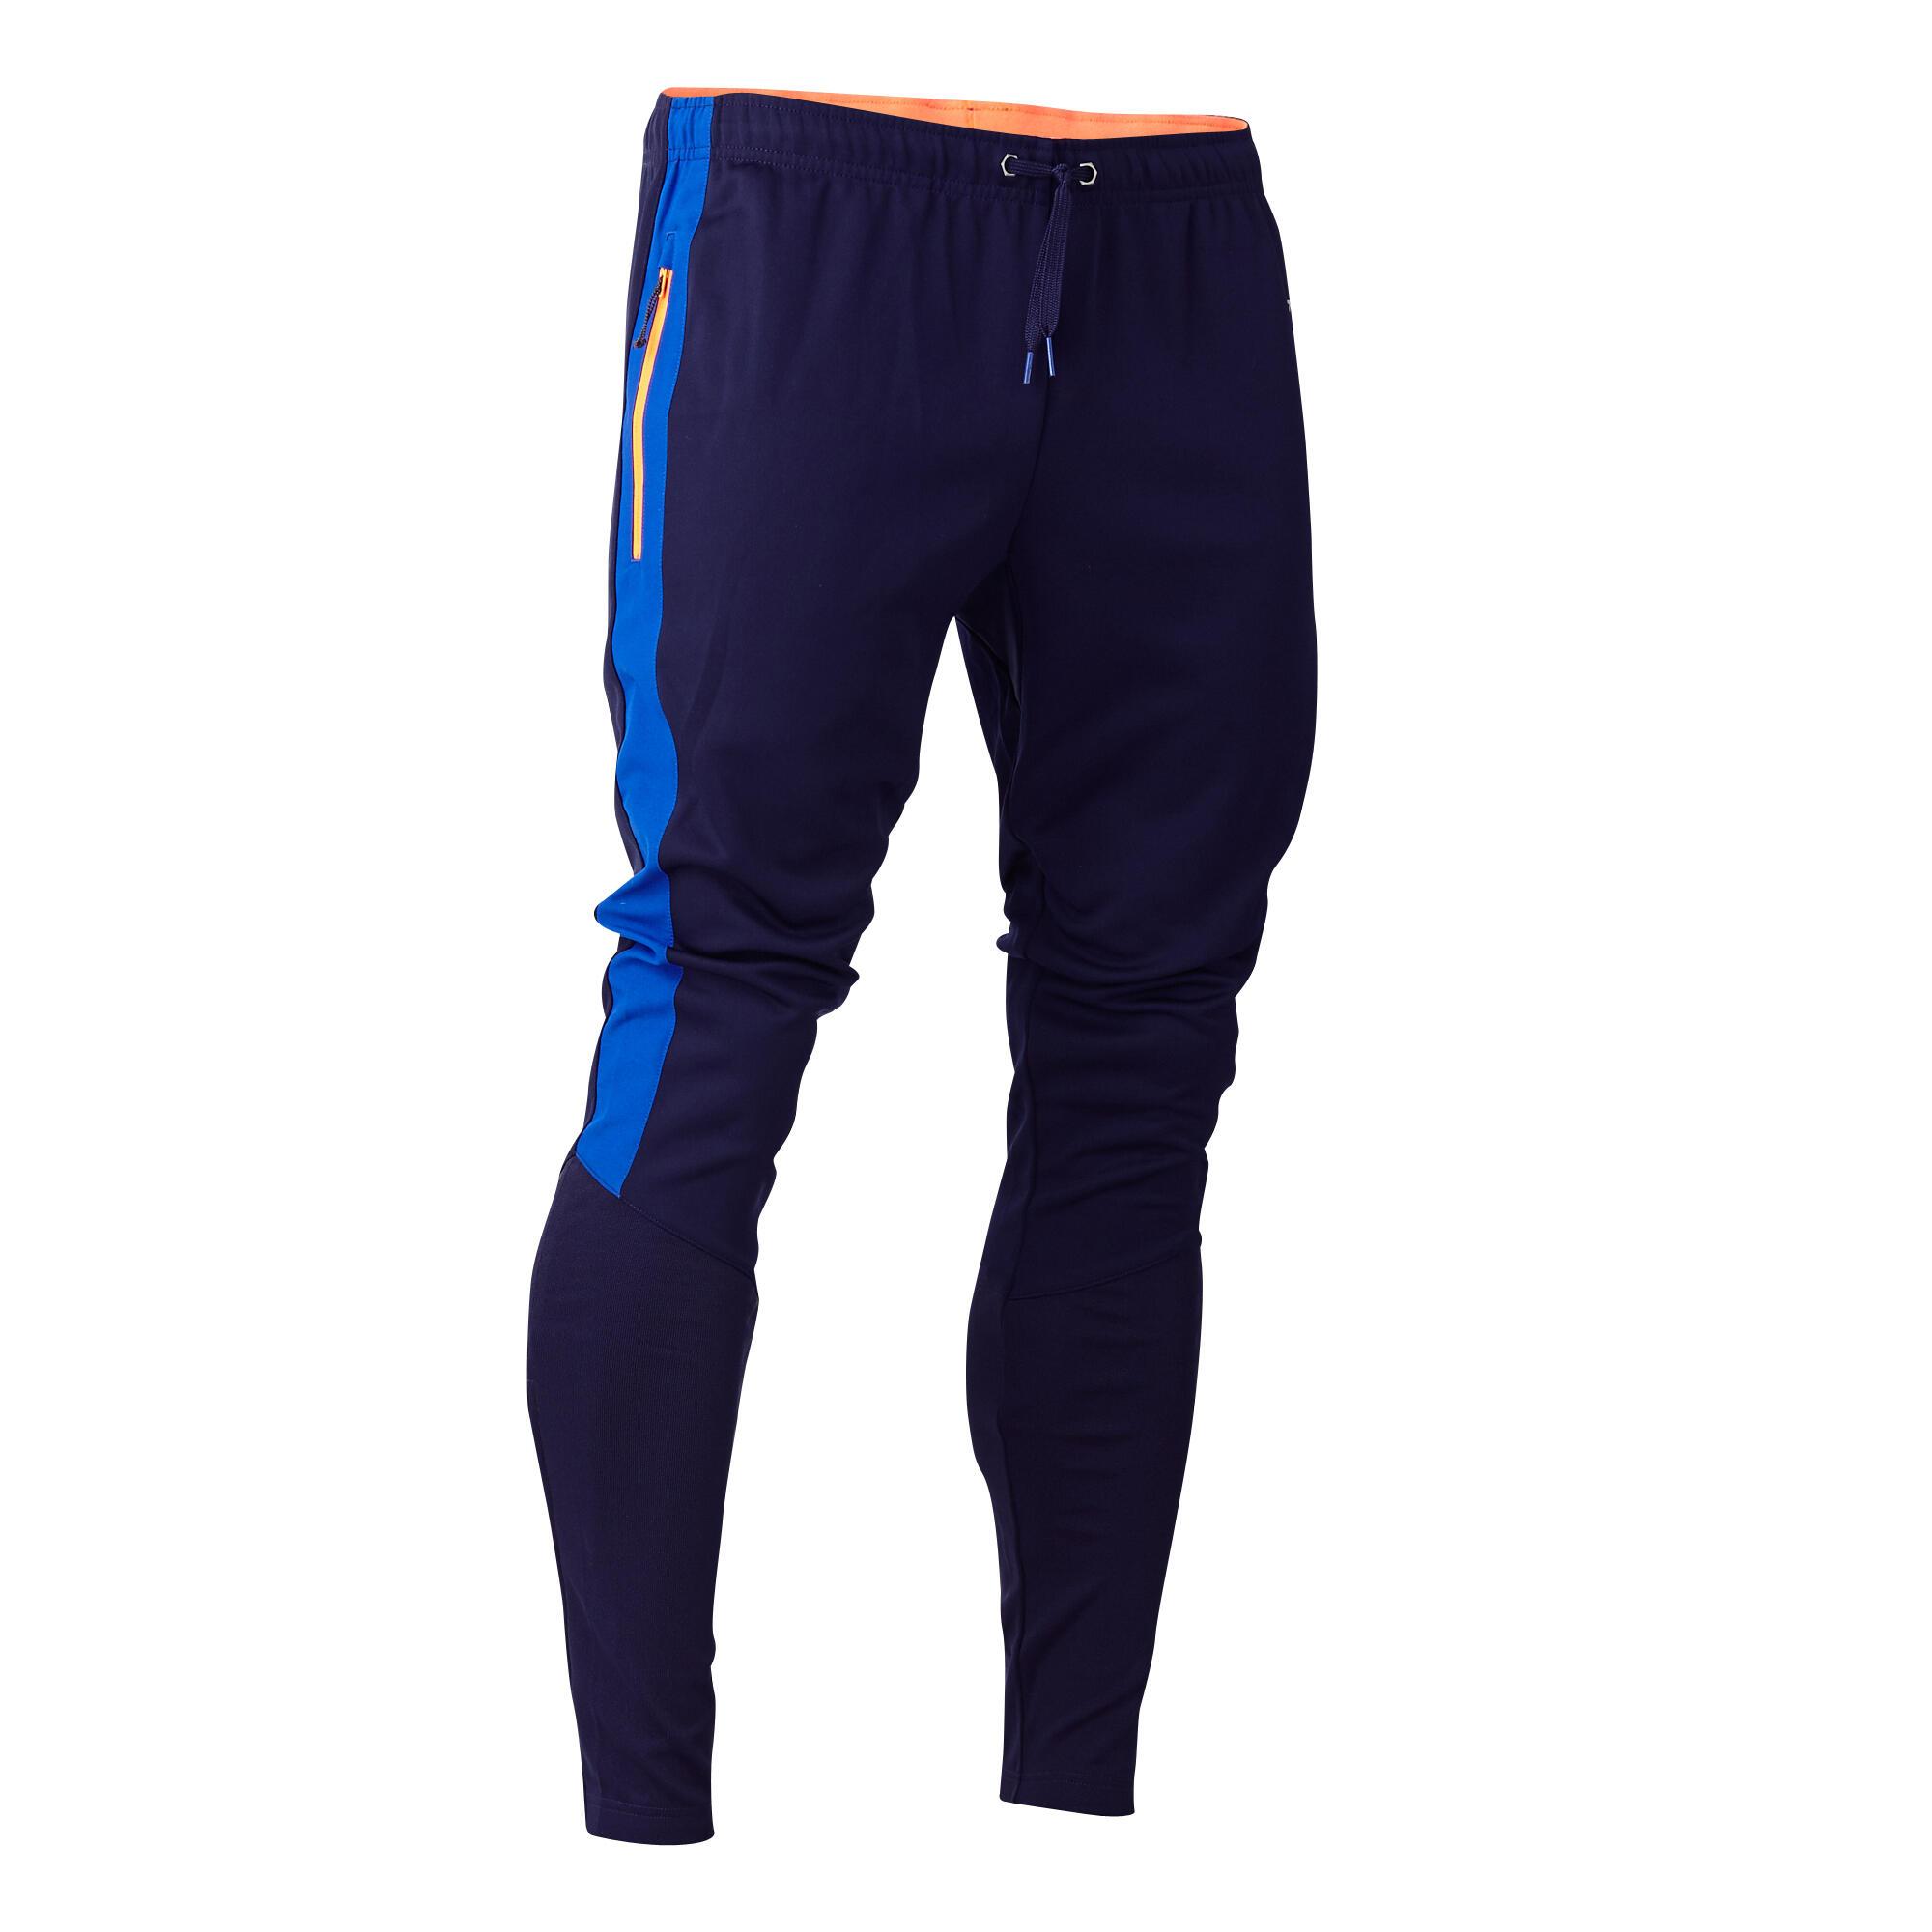 Damen,Herren Trainingshose T500 Erwachsene marineblau | 03583788198451